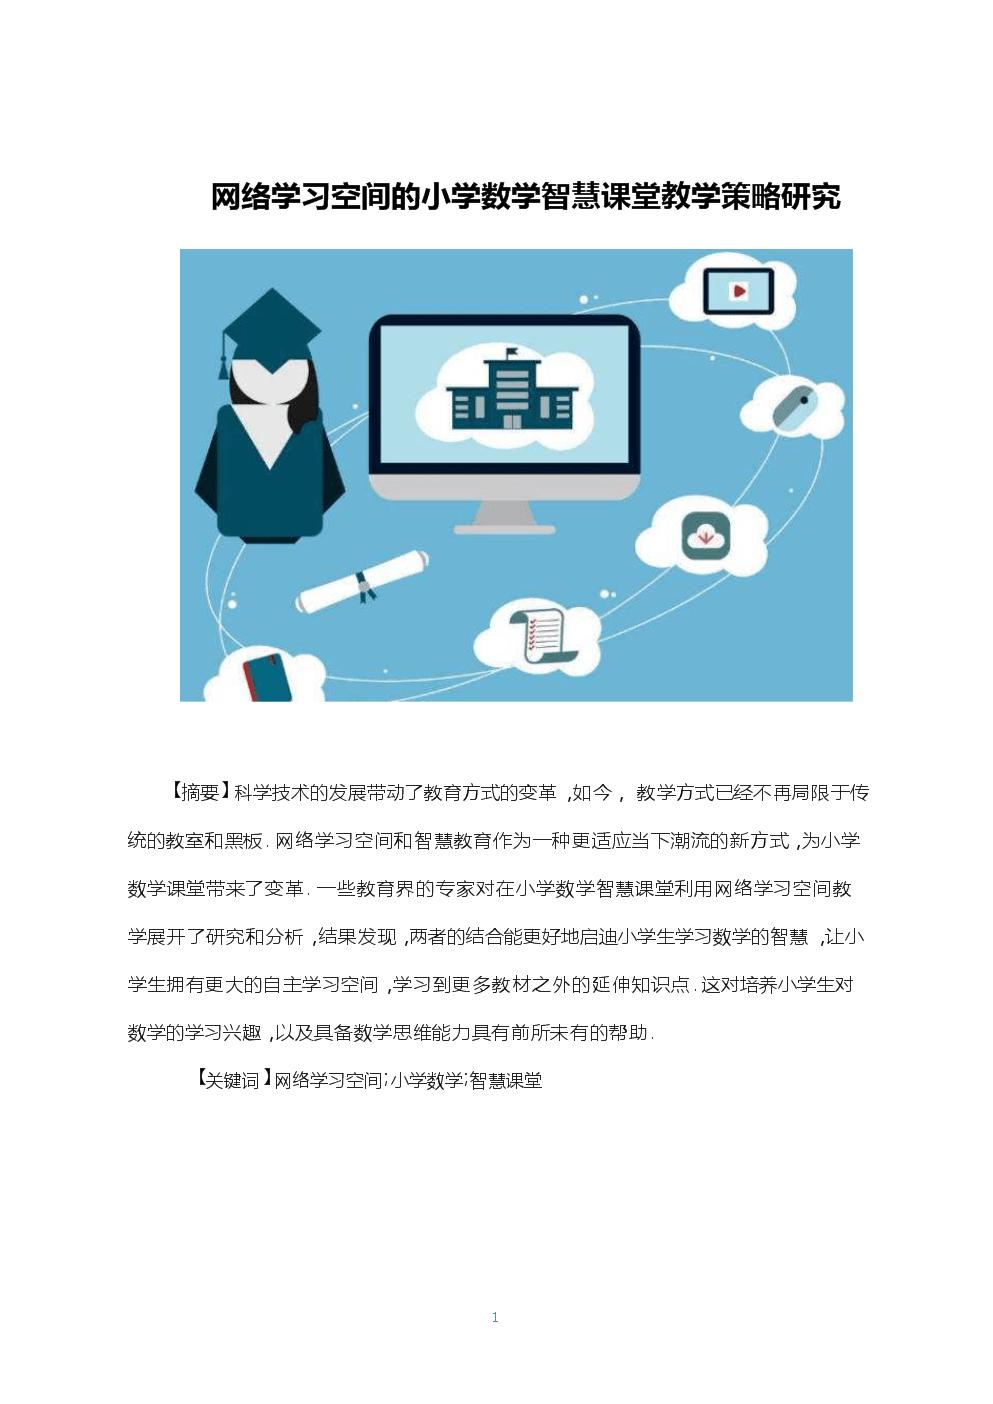 小学数学智慧课堂教学策略研究.docx